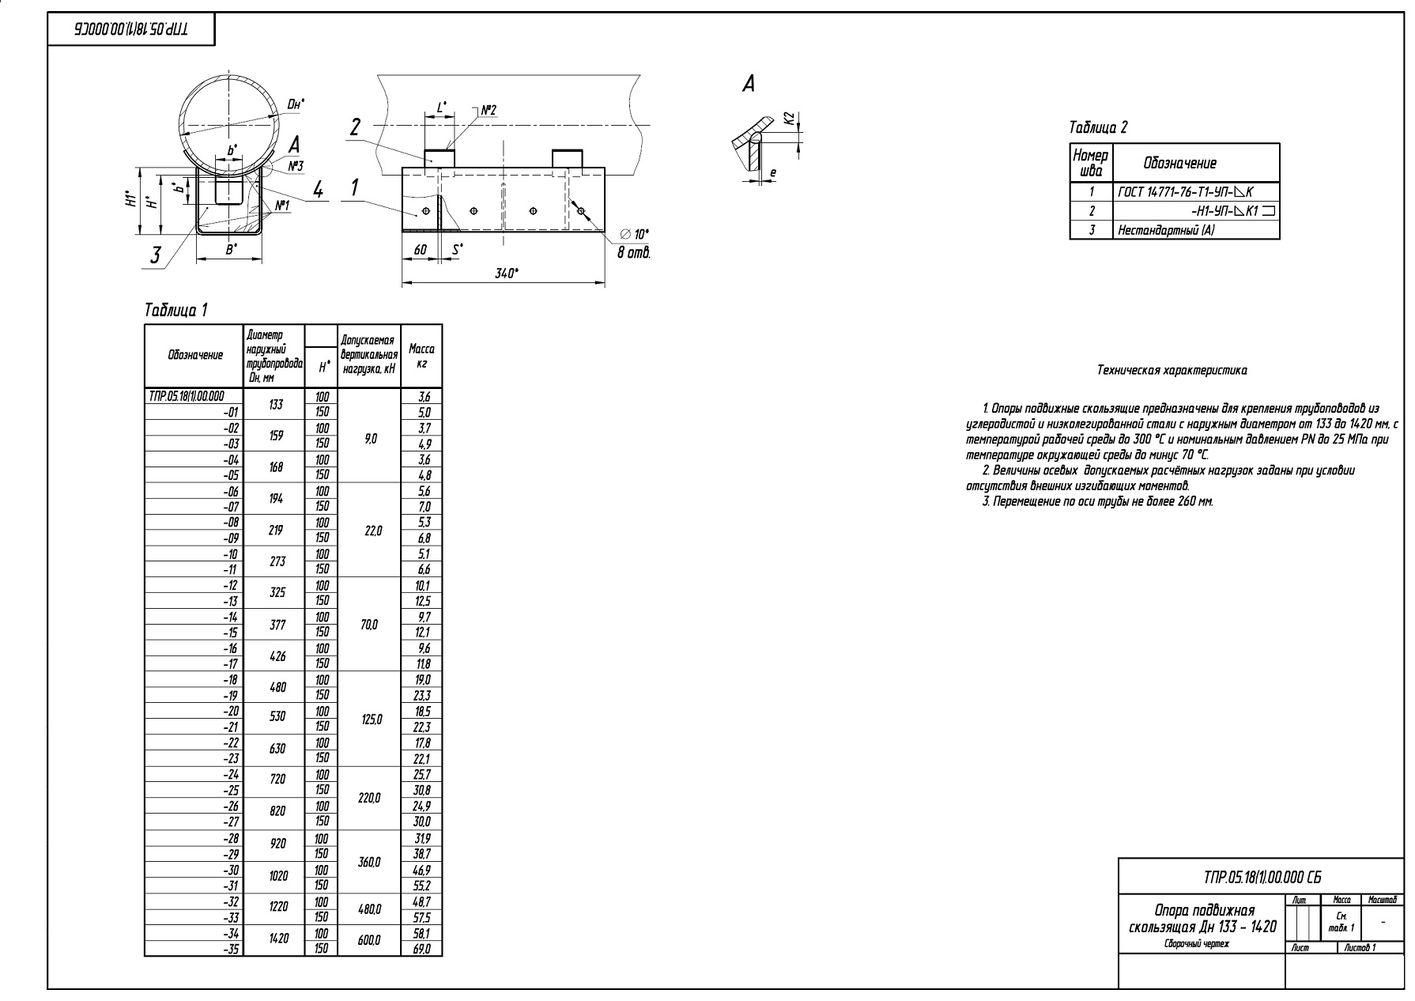 ТПР.05.18(1).00.000 Опоры подвижные скользящие Дн133-1420 мм